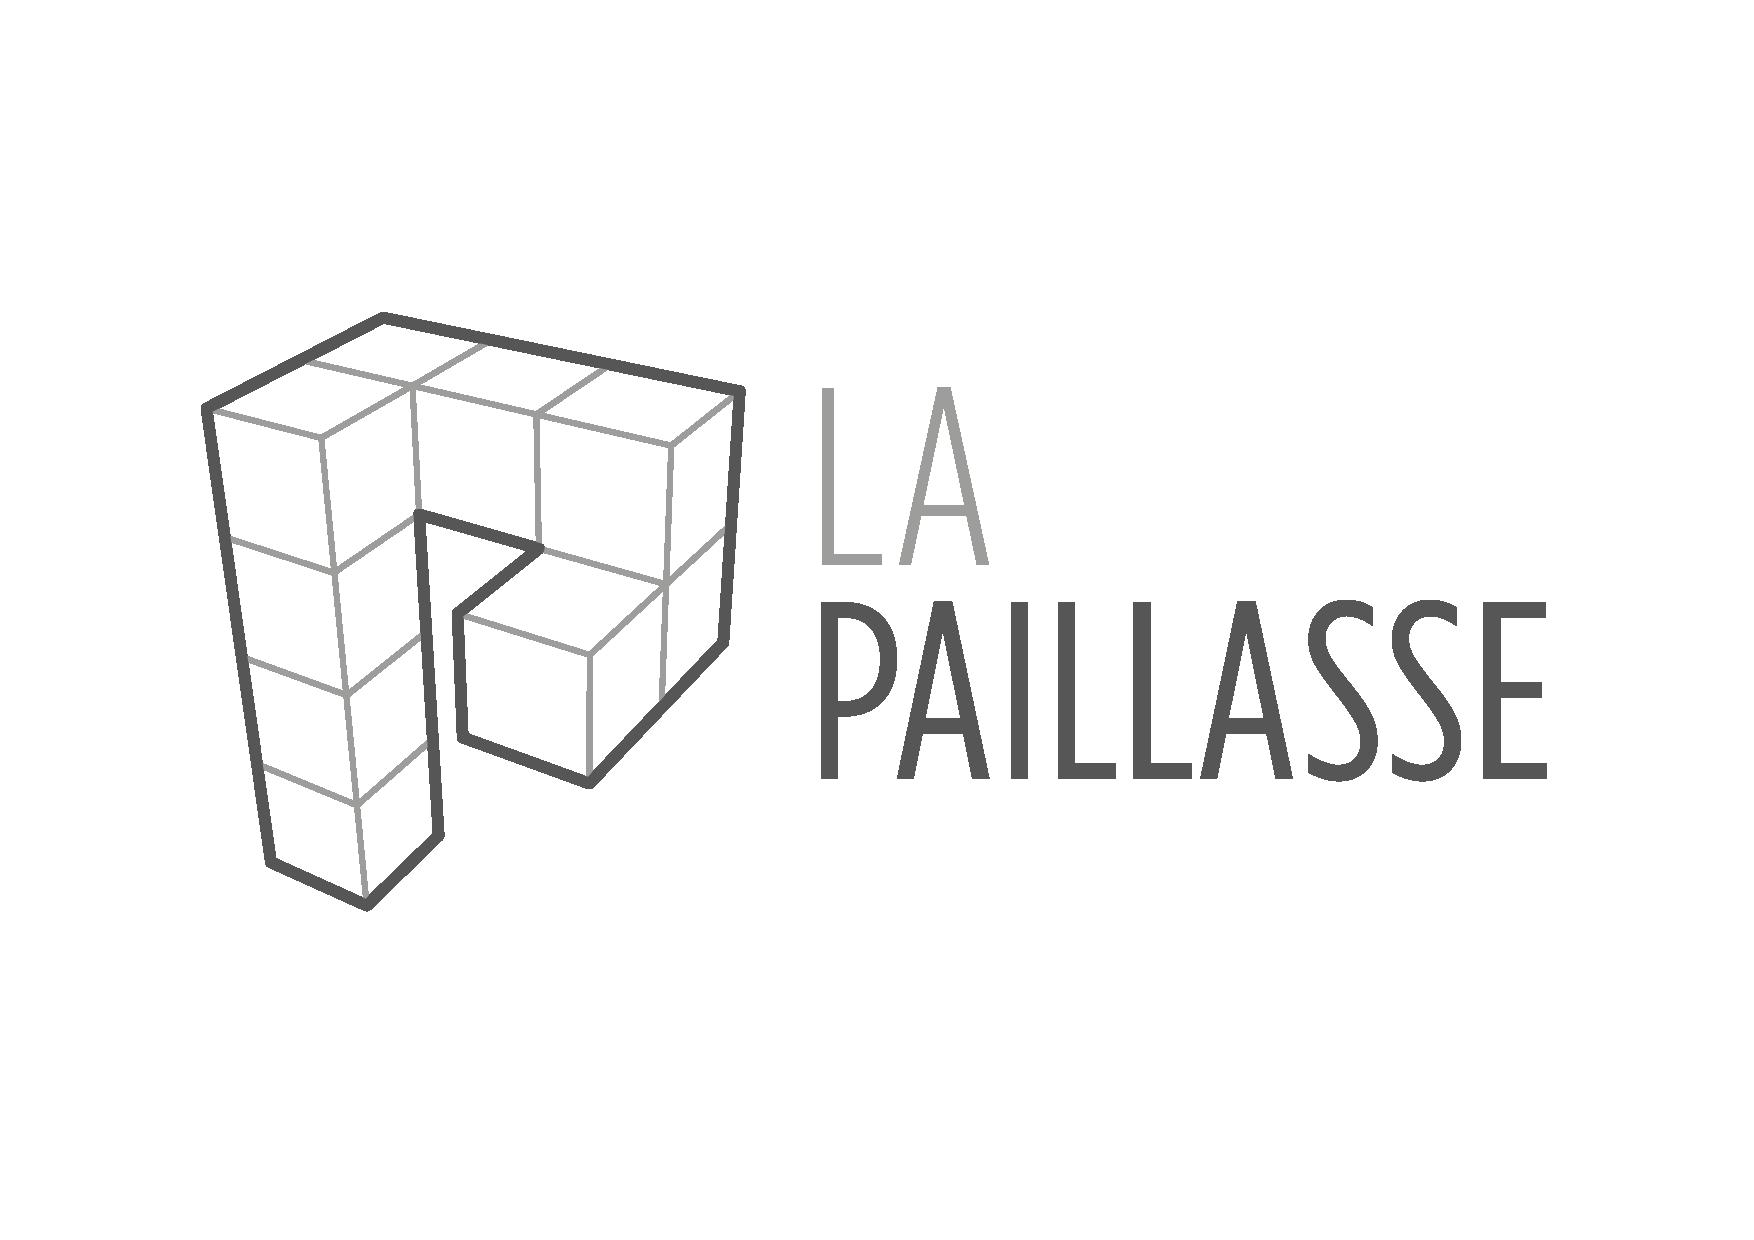 v2-logo-la-paillasse.png